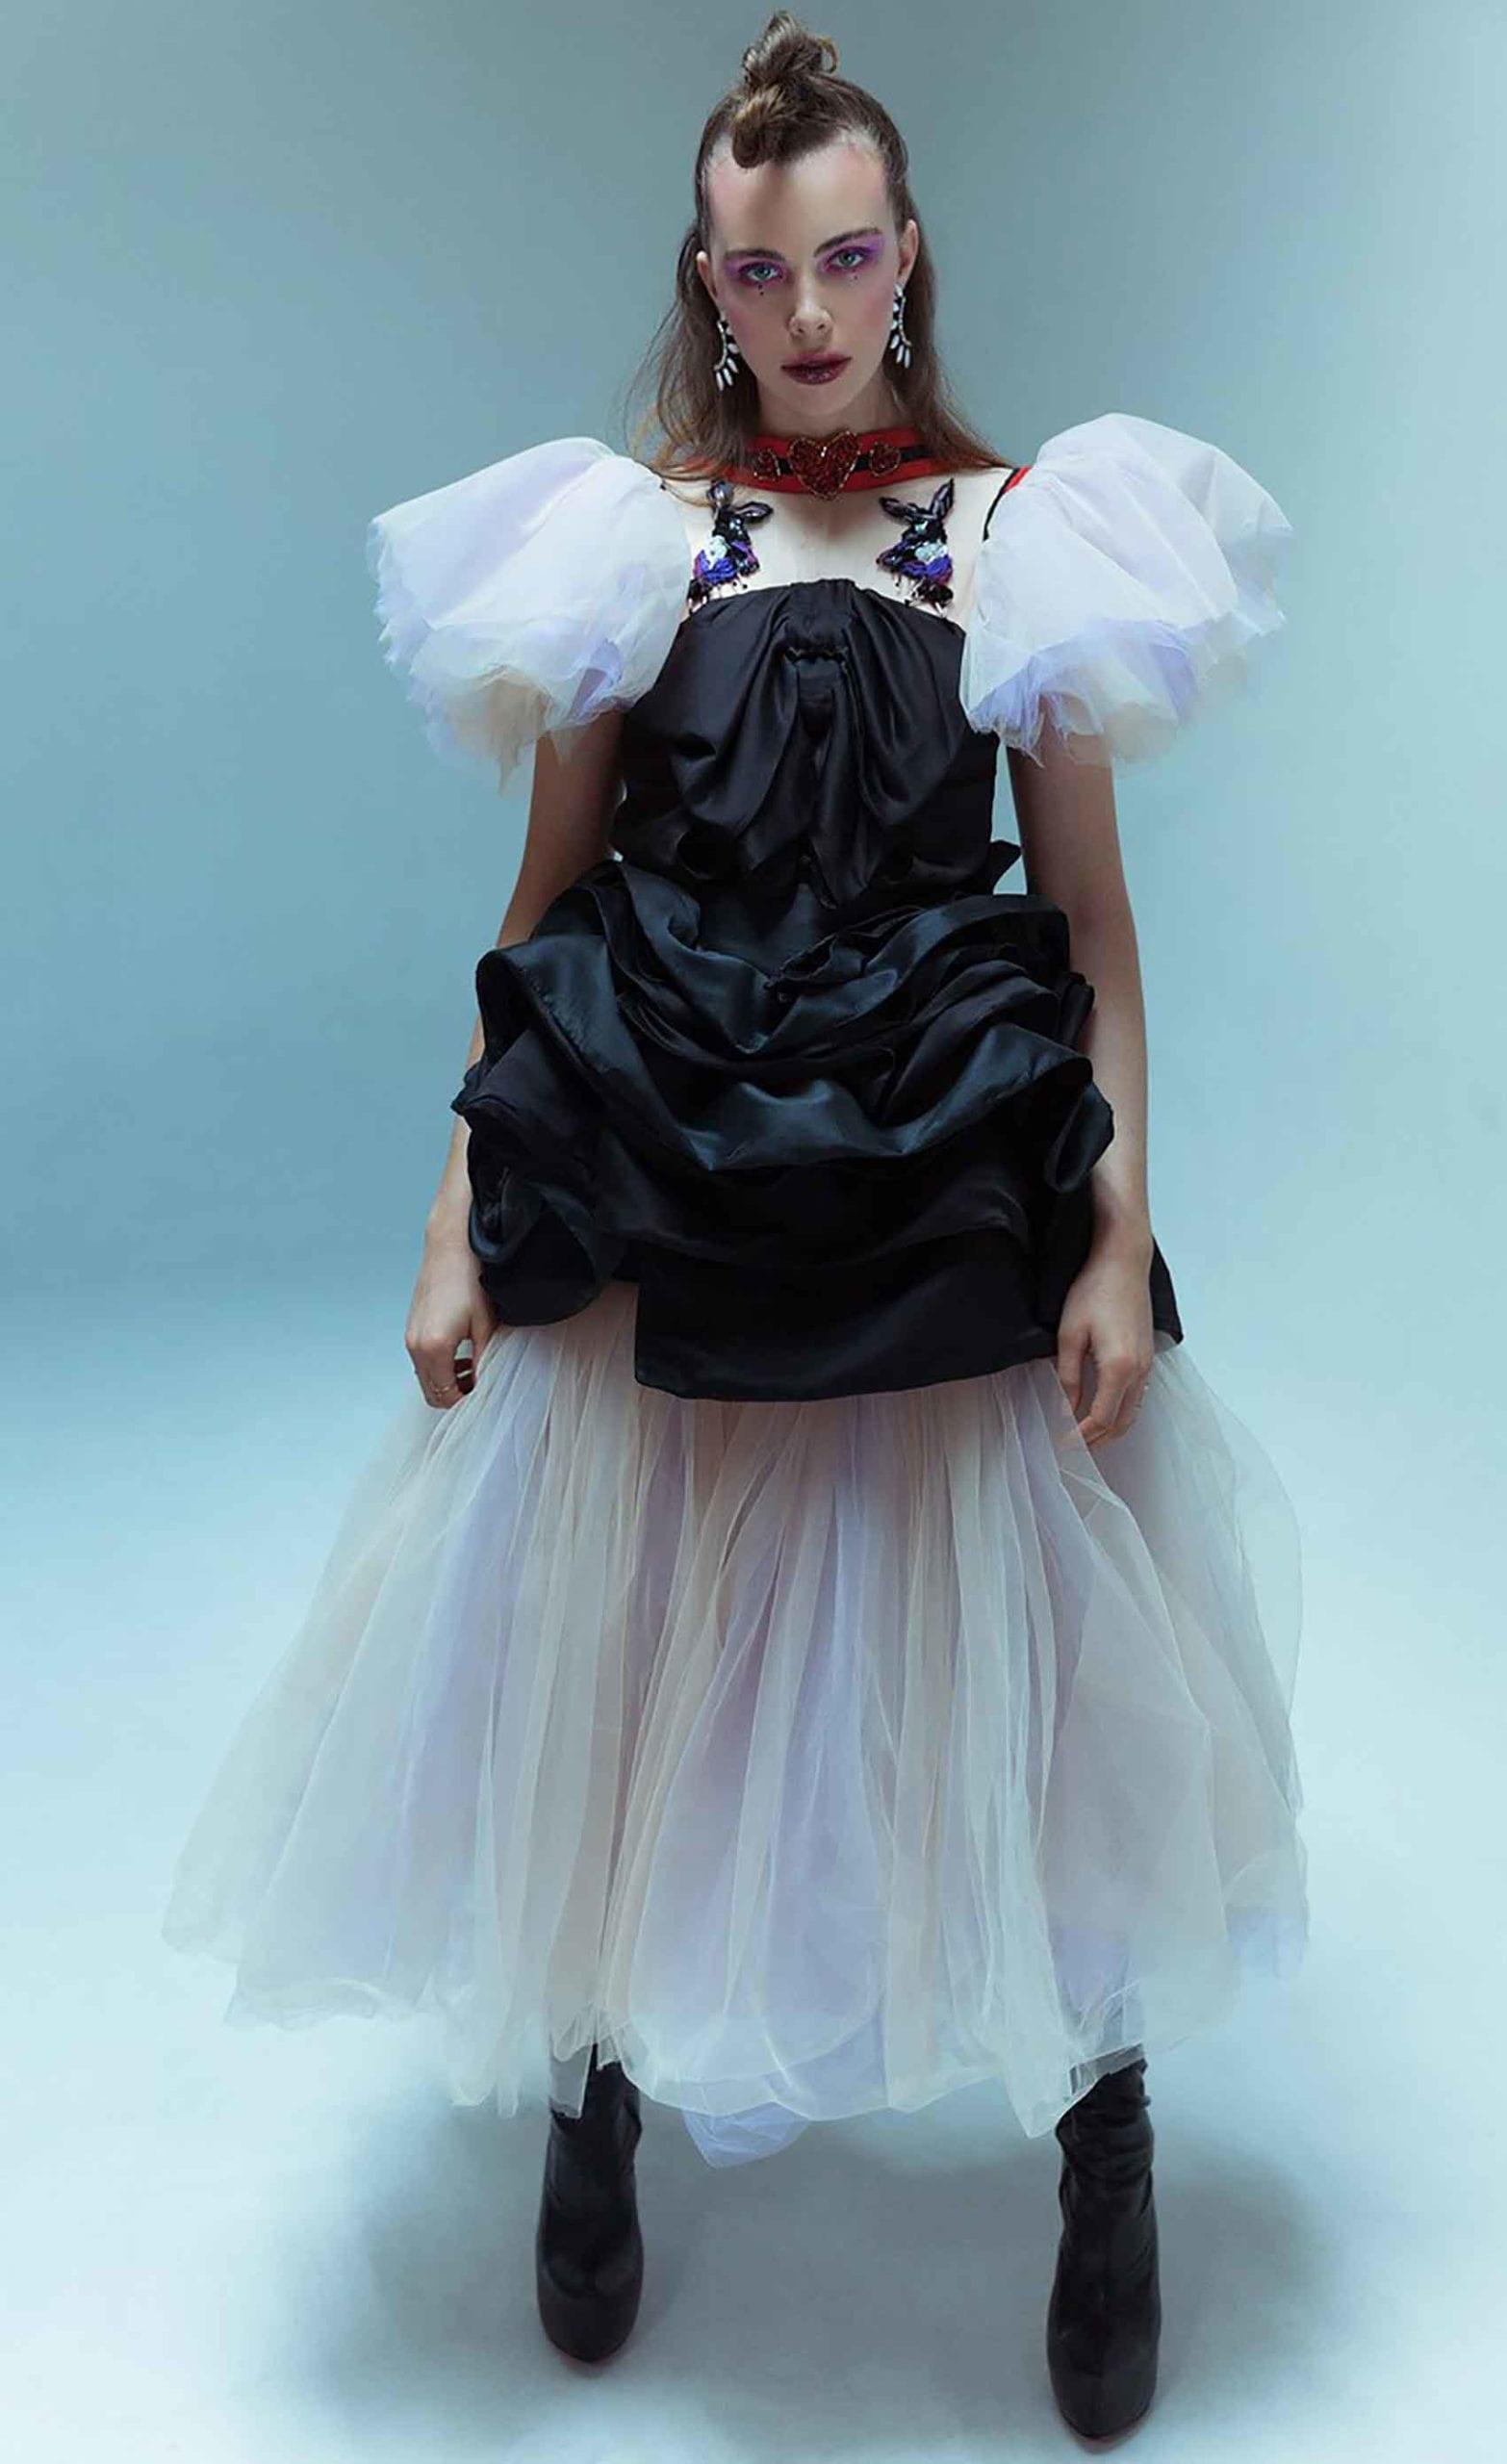 שמלת-ארנבים-אופנה-ישראלית-MonaLizabeth-